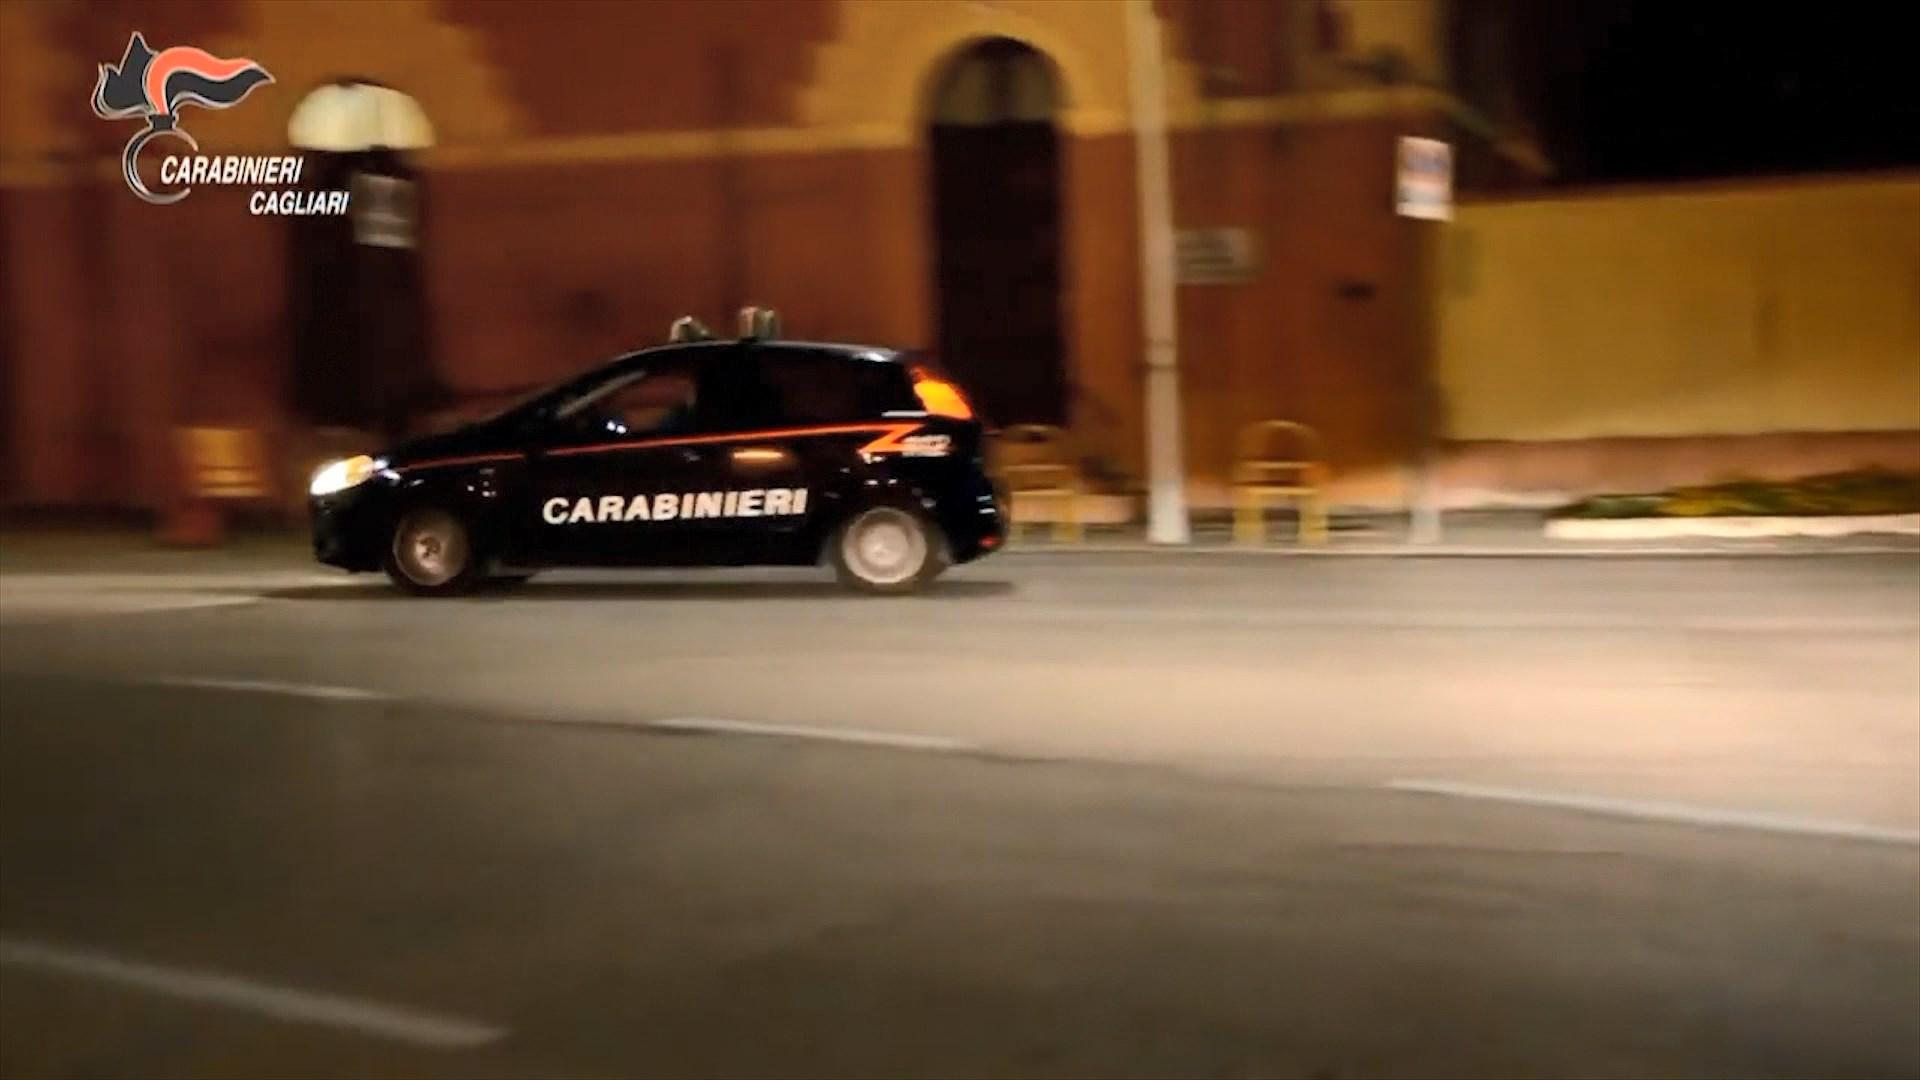 Itali, blic anti-terror në ishullin e Sardenjës, ndalohen 3 luftëtarë të huaj